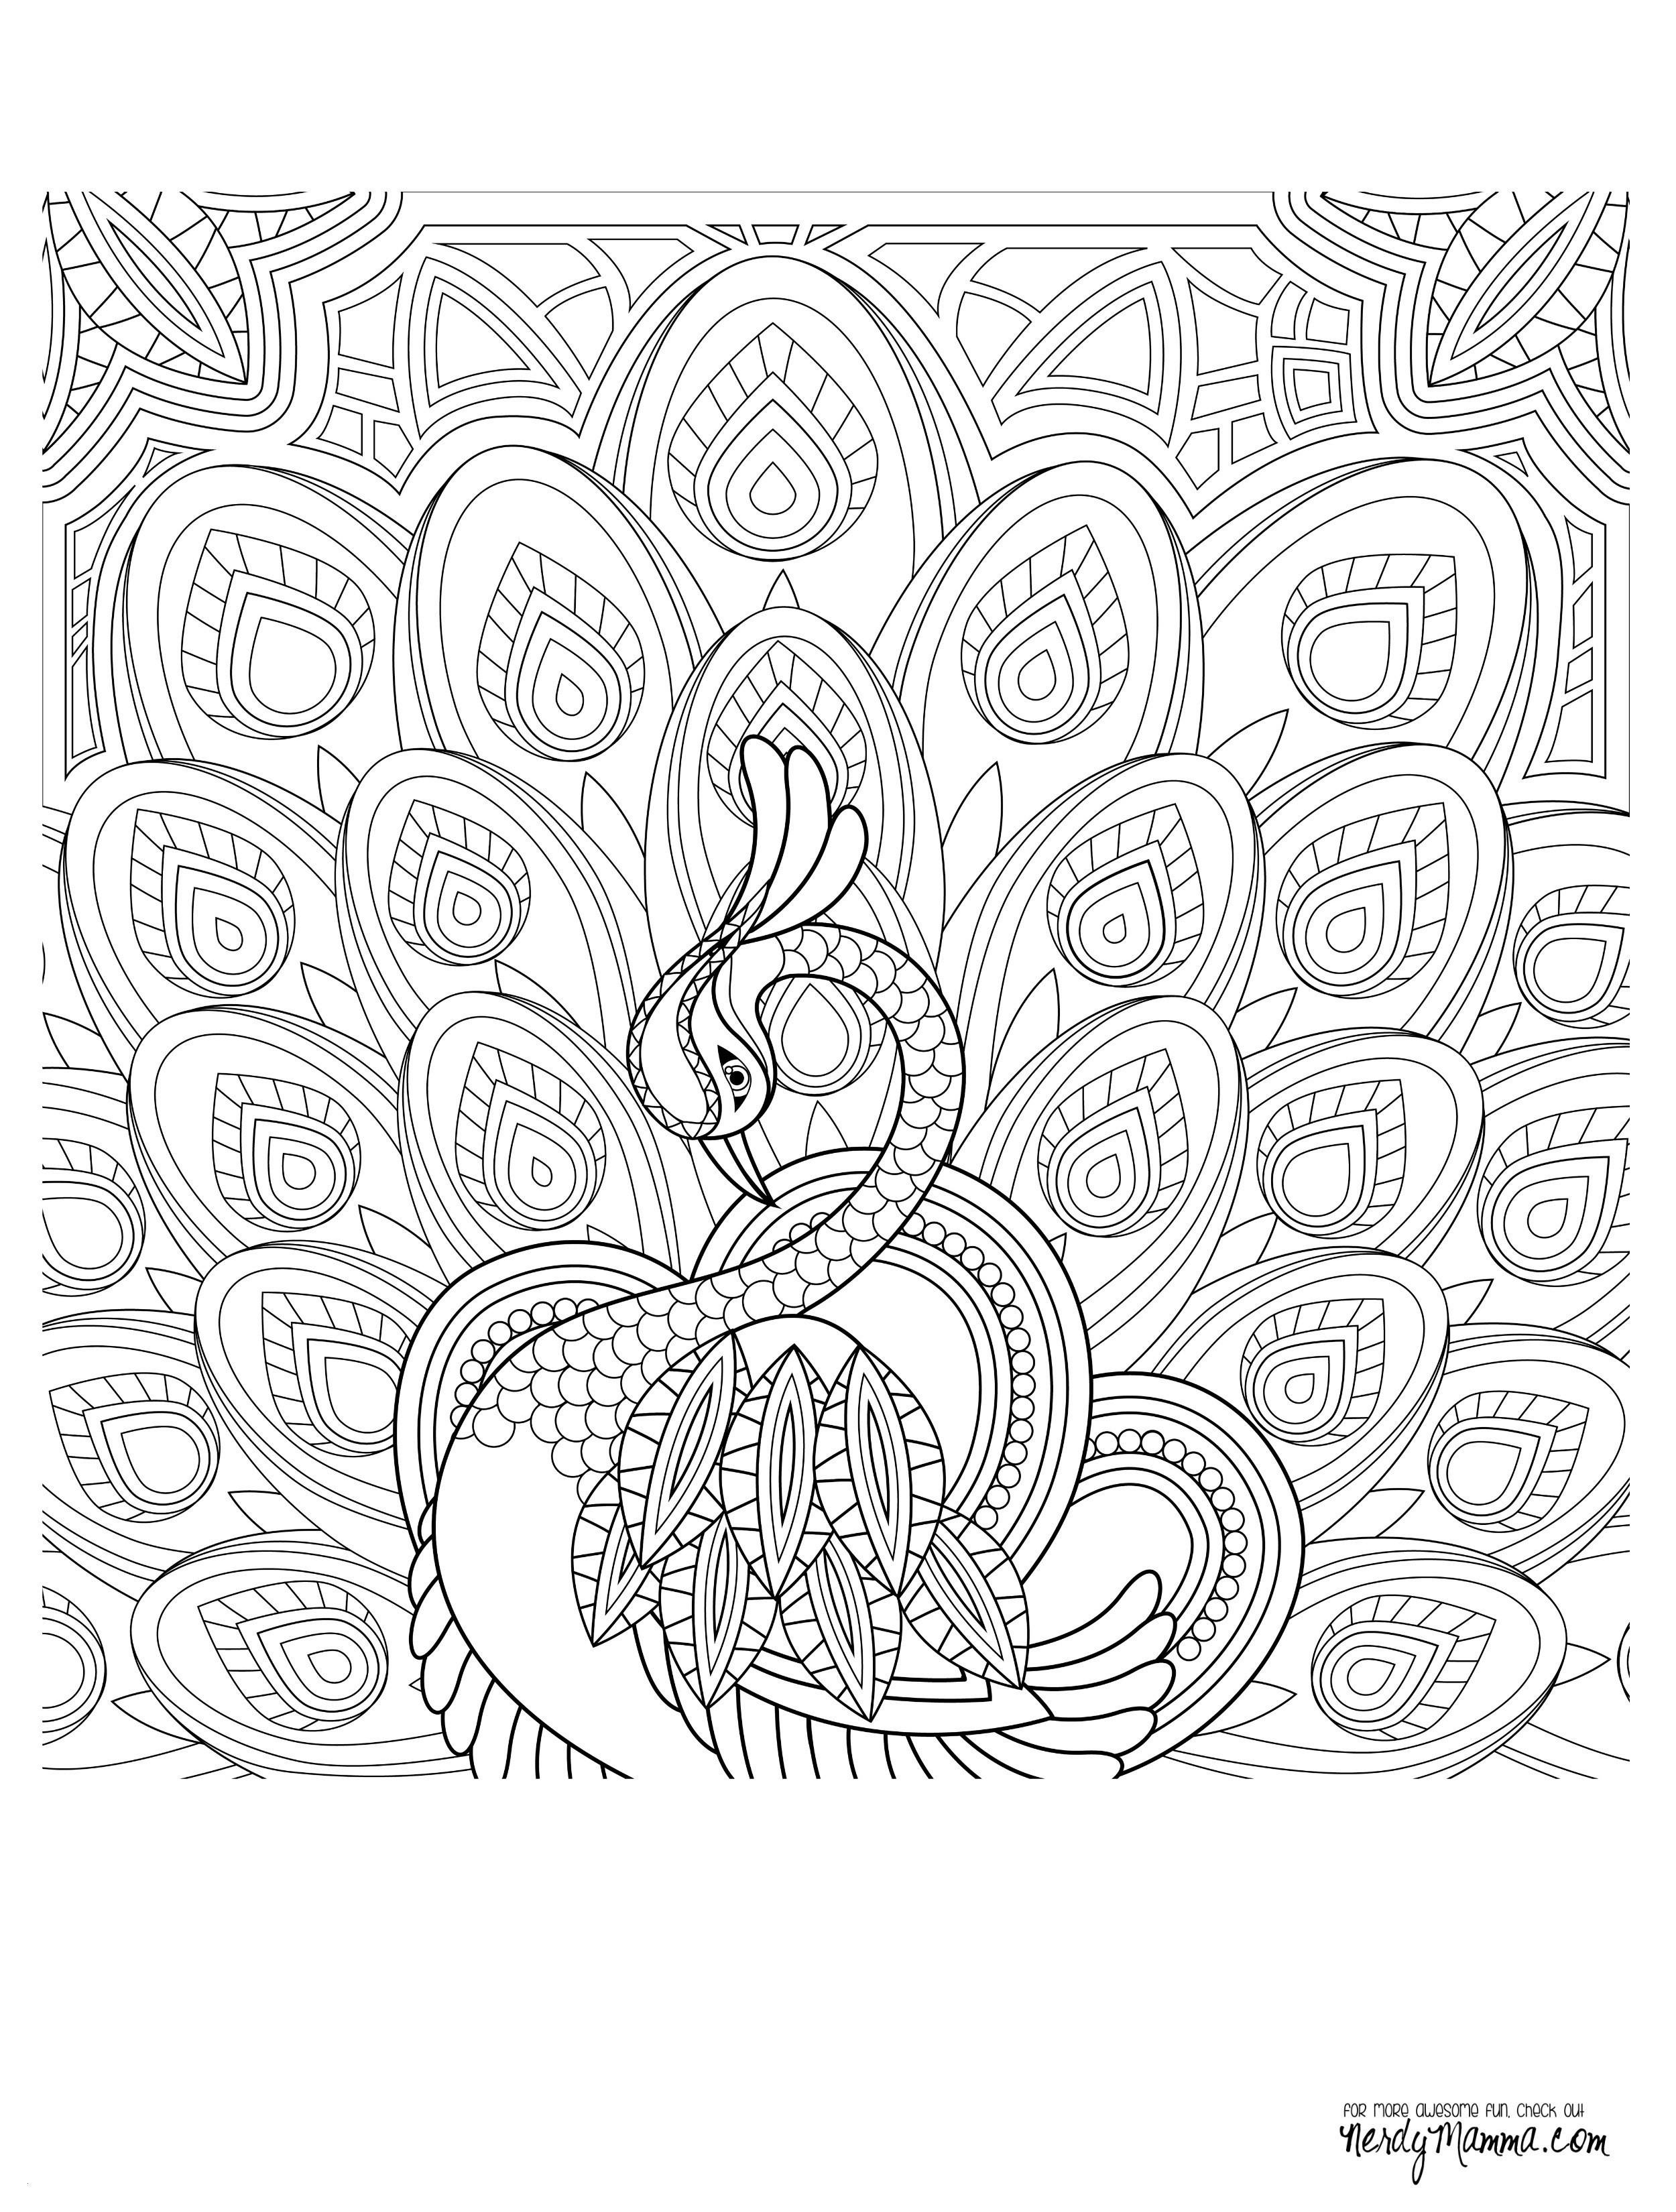 Eule Malvorlage Einfach Das Beste Von Eule Malvorlagen Pdf Exzellente 40 Malvorlagen Mandala Scoredatscore Fotografieren